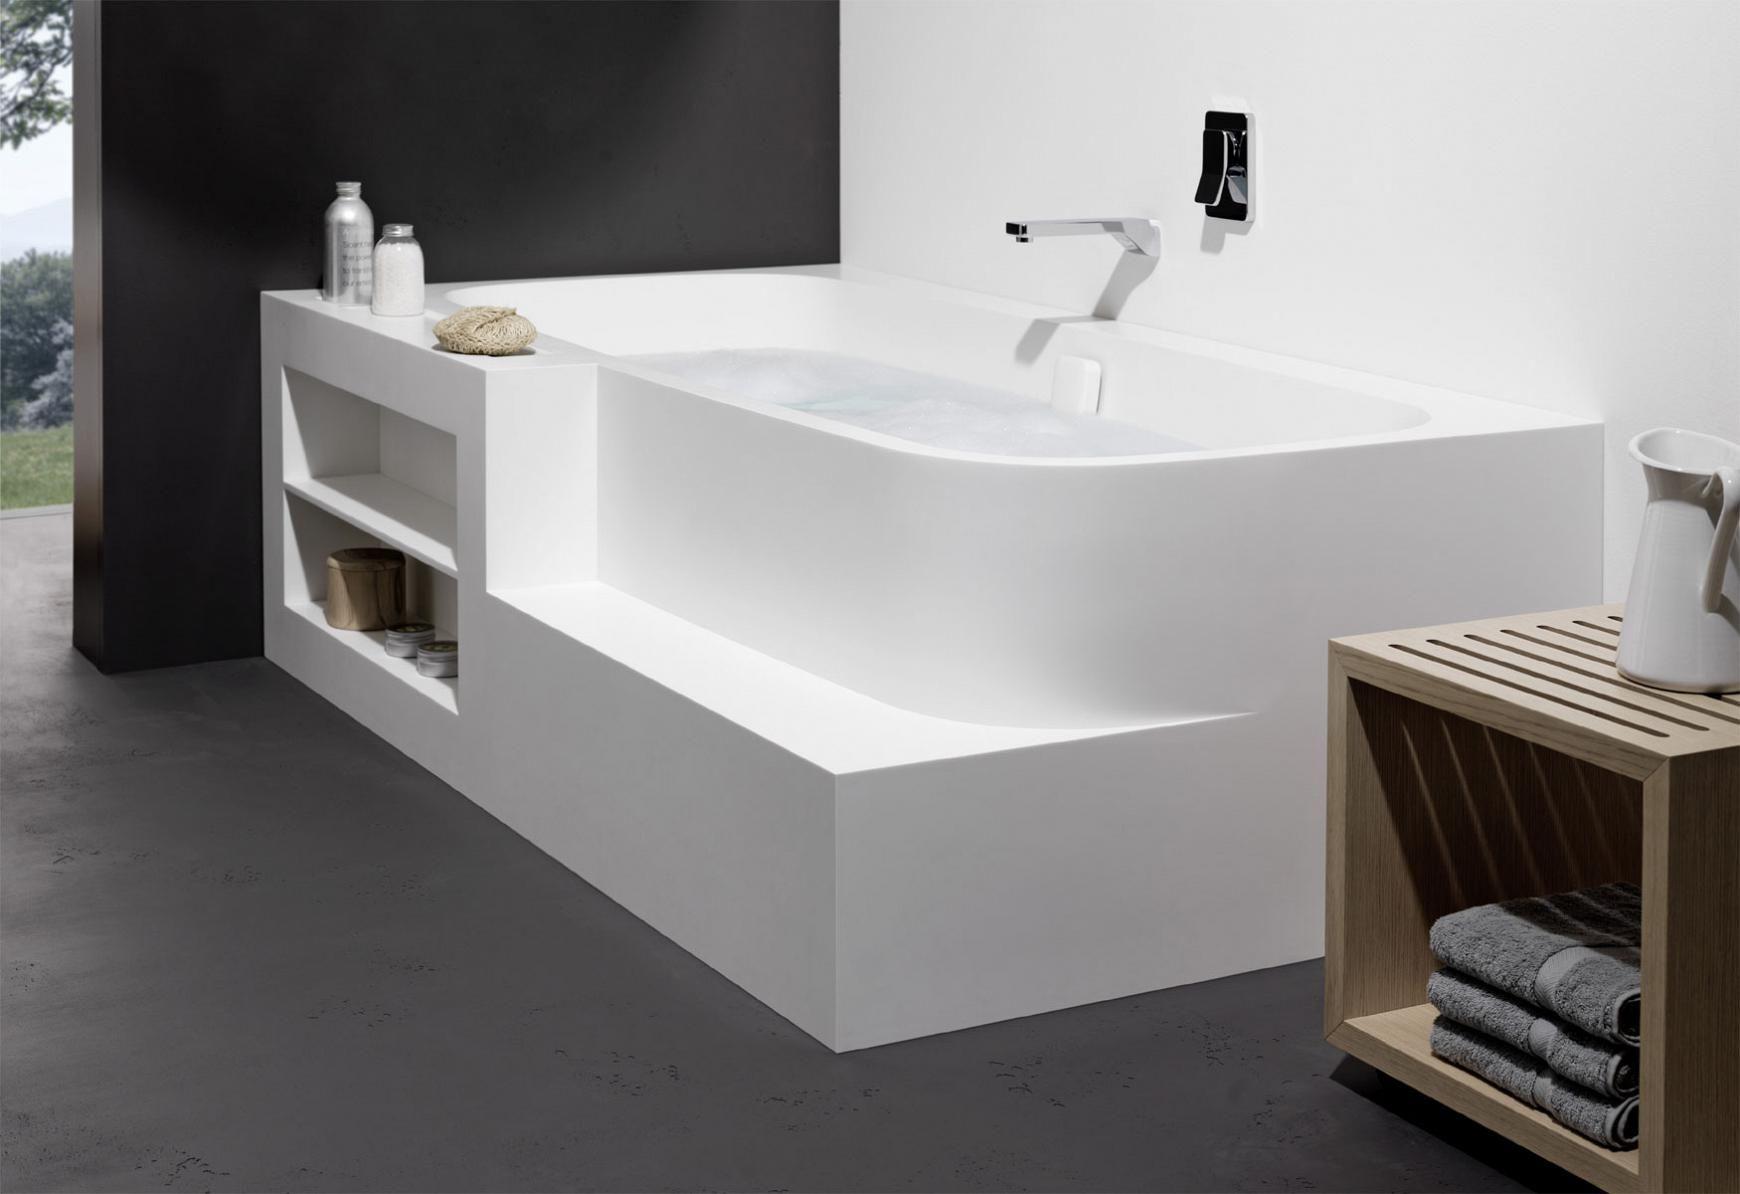 Stilvolle Badewannen Aus Corian Individuell Langlebig Whirlsystem Erweiterbar Eckbadewanne Badewanne Familienbad